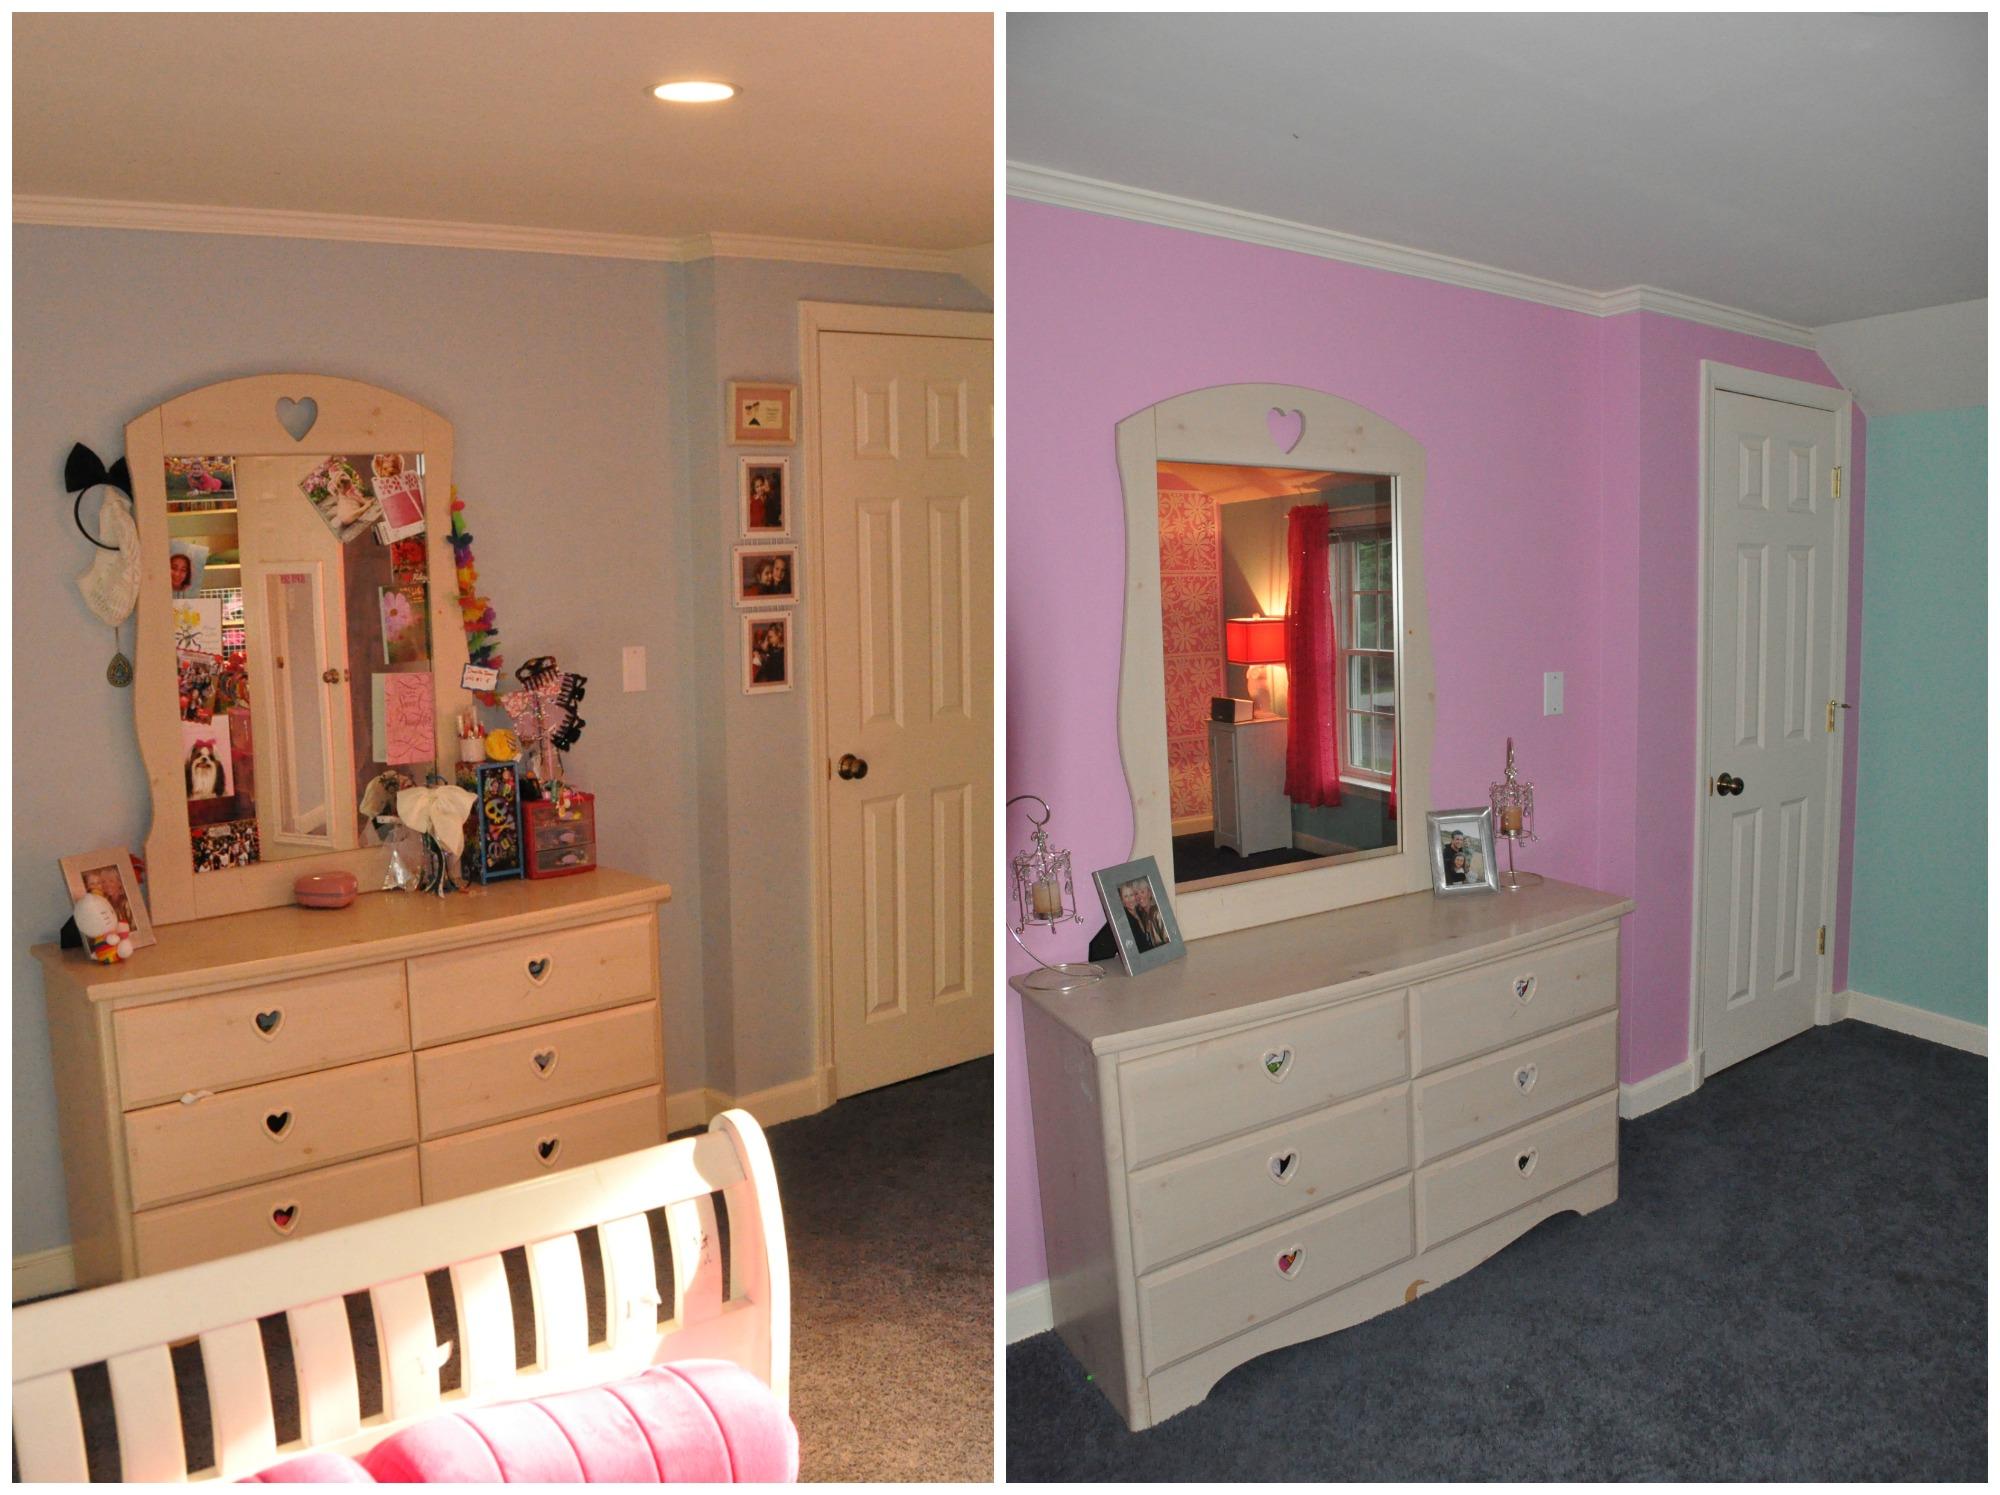 بالصور غرف اطفال قبل وبعد التعديل | المرسال